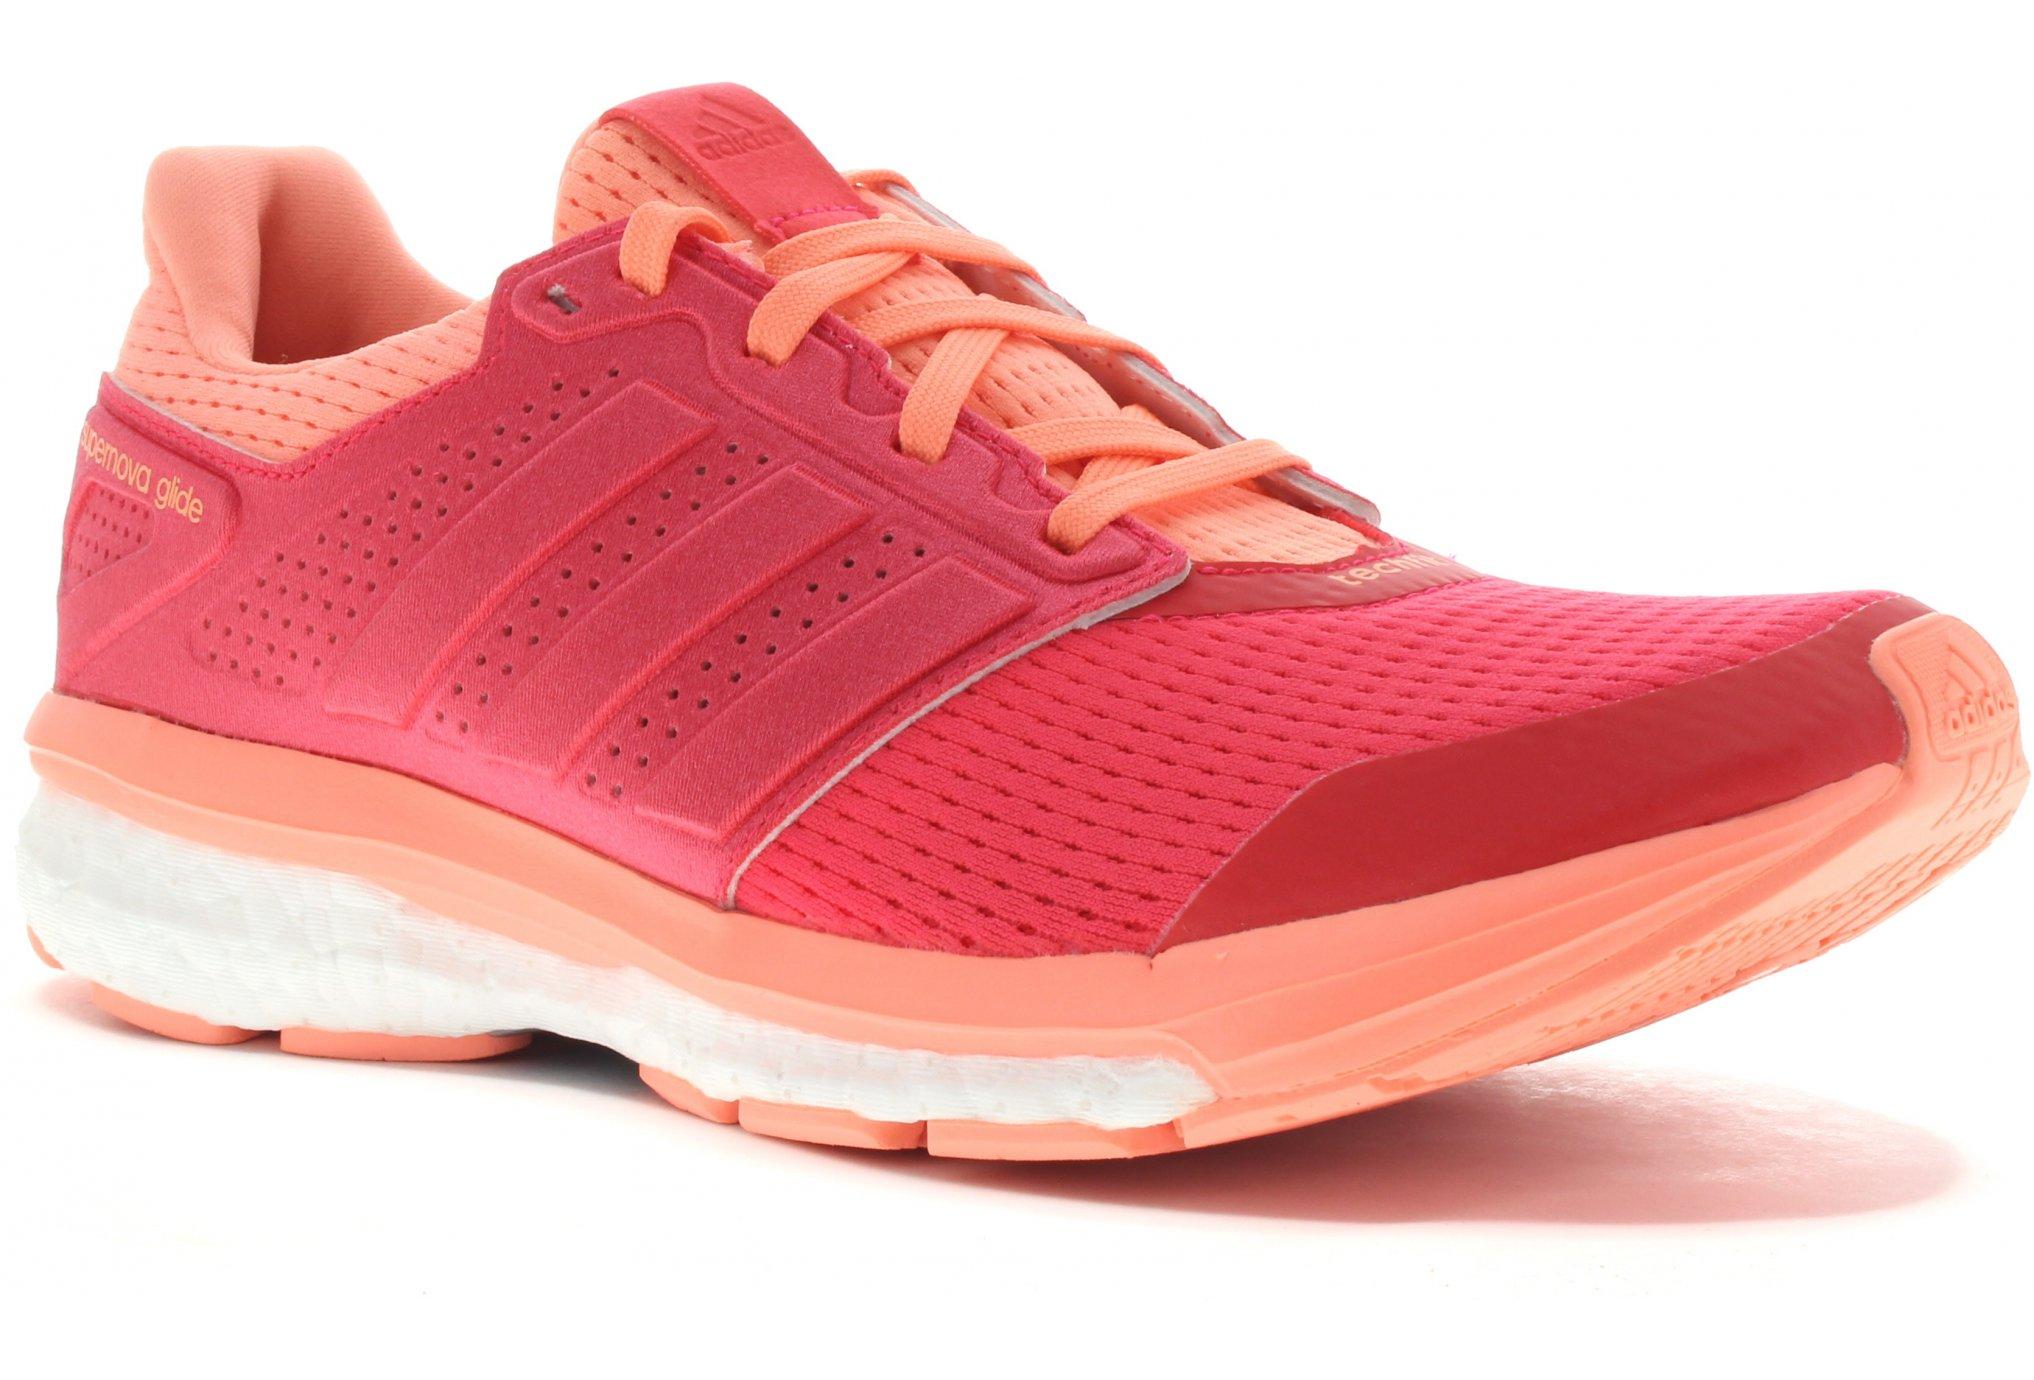 Adidas Supernova glide 8 boost w diététique chaussures femme